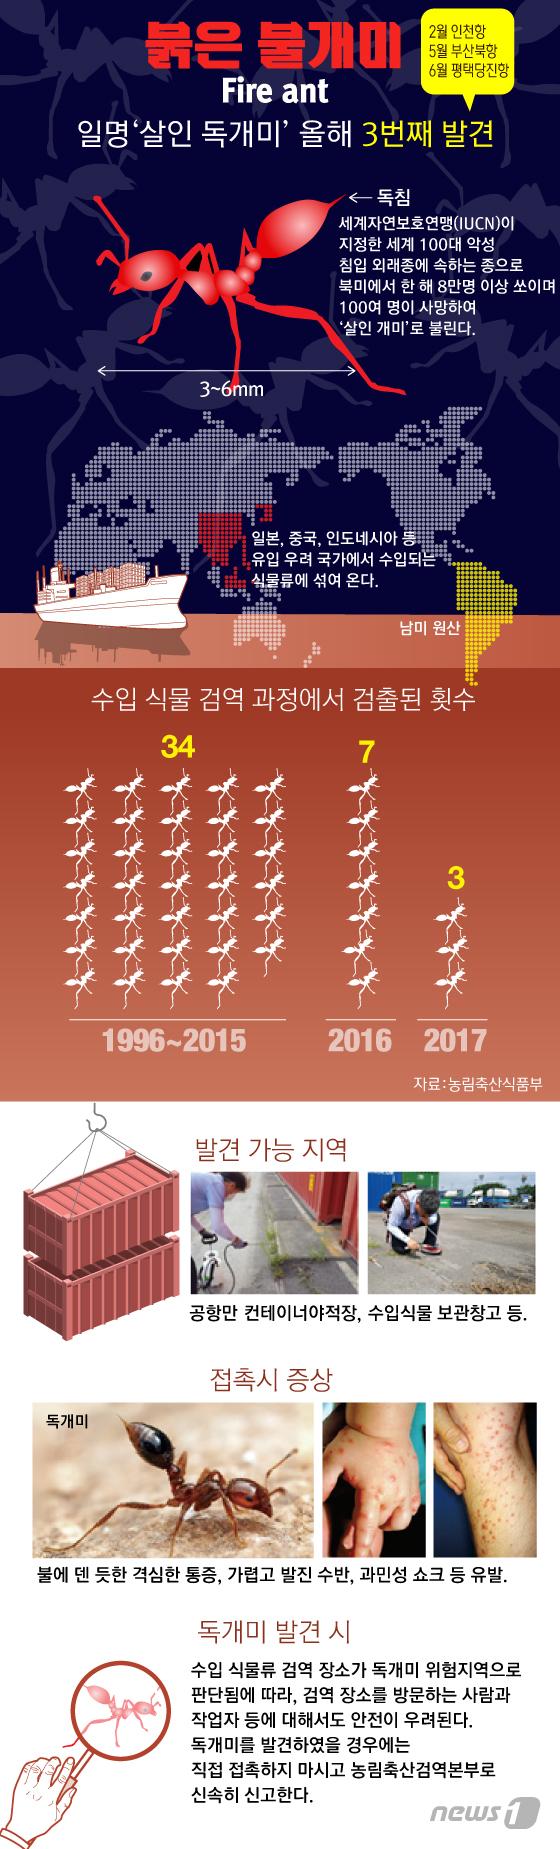 [그래픽뉴스] 붉은 불개미 발견시 주의사항